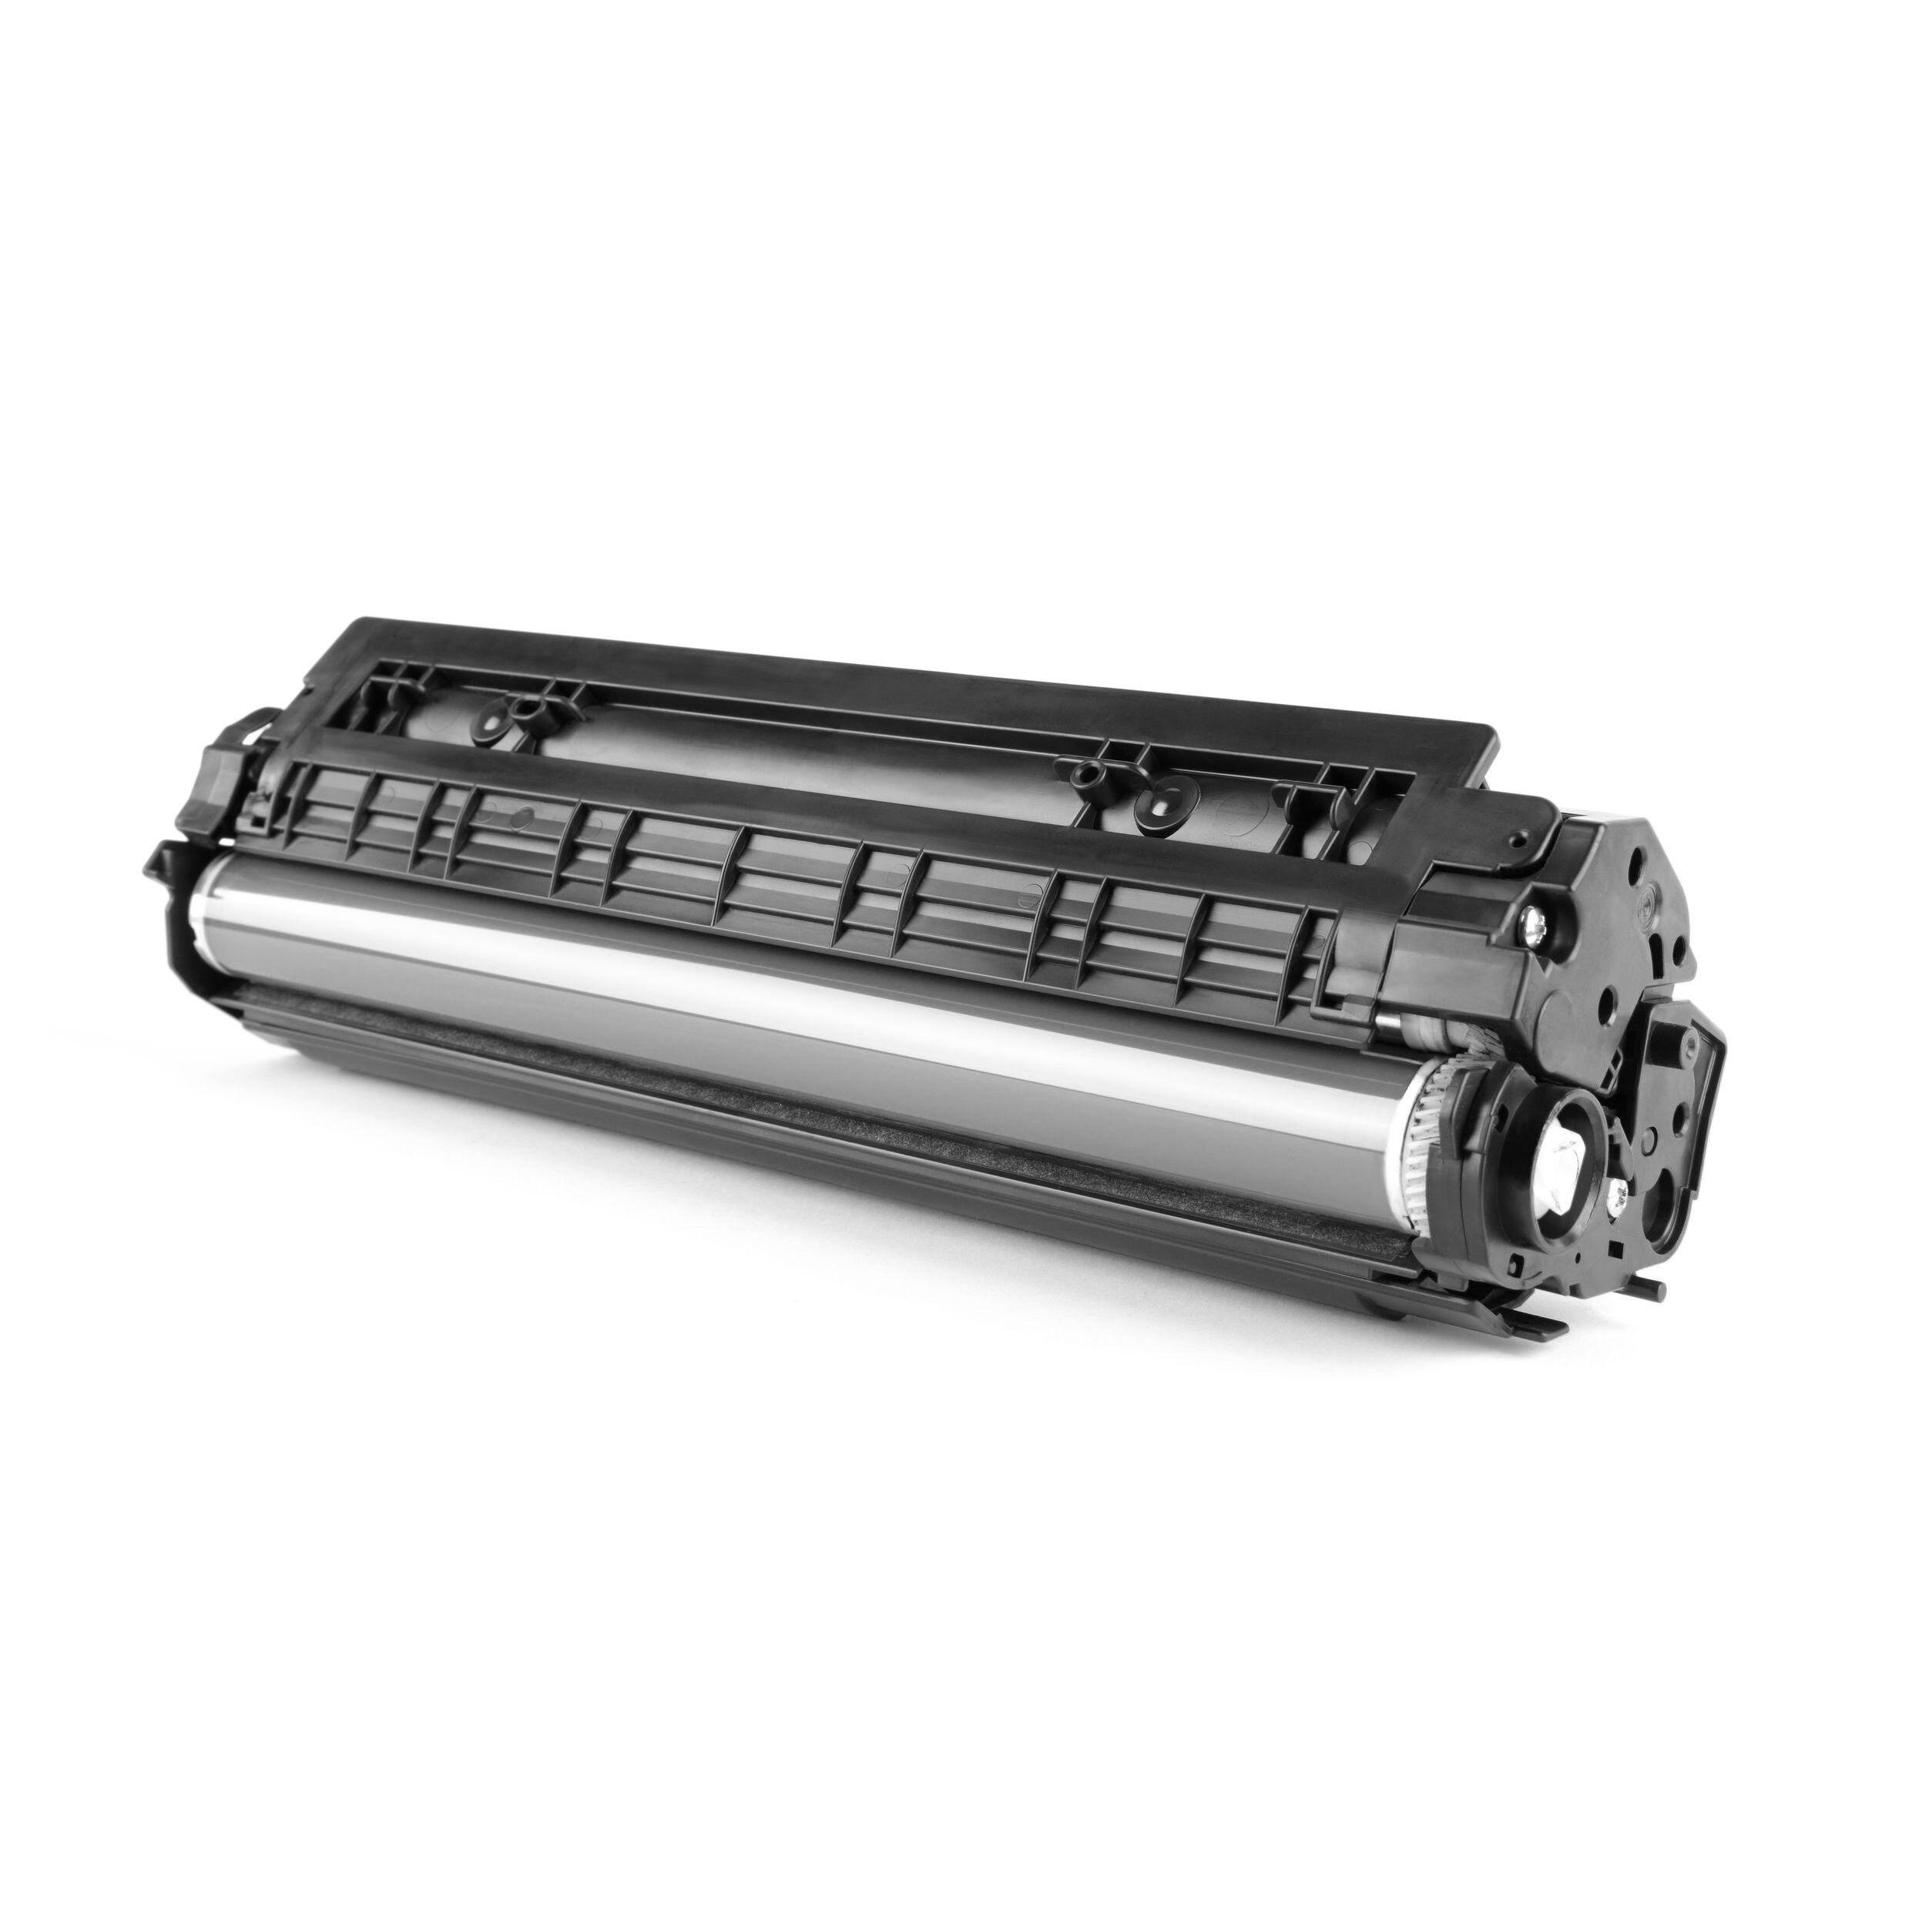 Brother HSE-251 Druckerzubehör schwarz white original - passend für Brother P-Touch H 500 Series